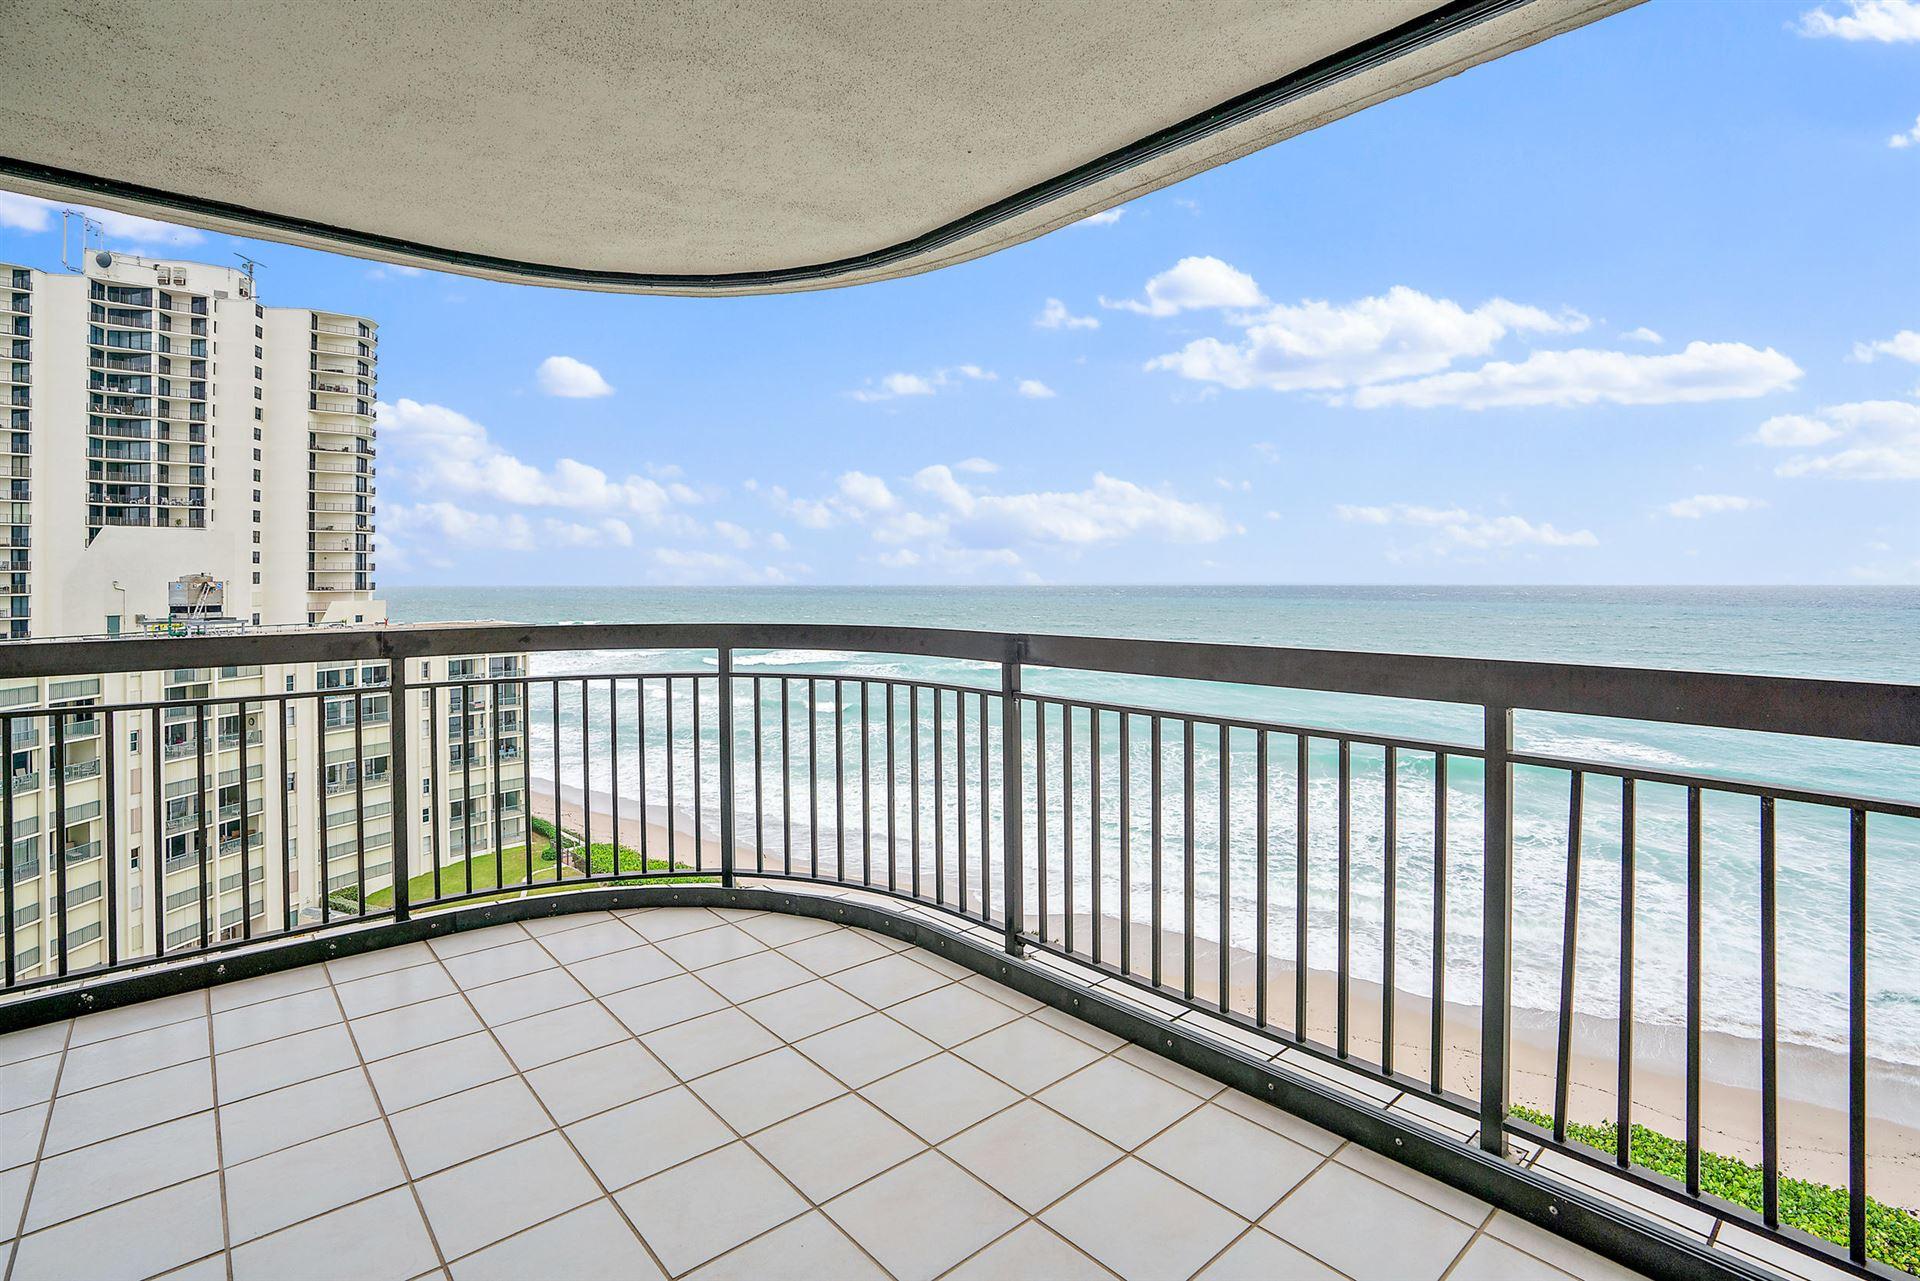 Photo of 5380 N Ocean Drive #11-J, Singer Island, FL 33404 (MLS # RX-10668991)